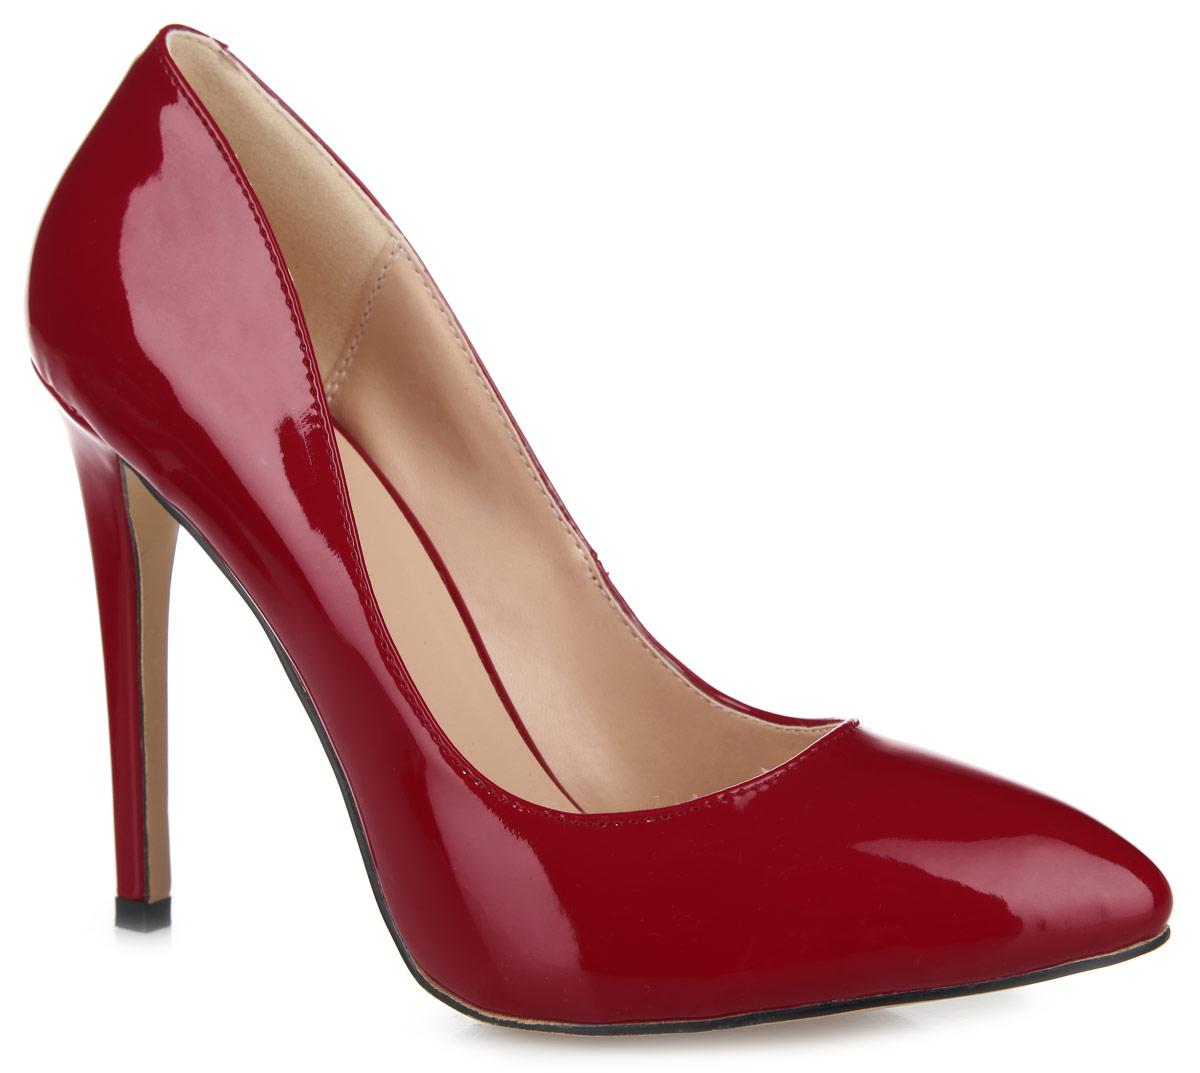 049-02-IG-04-PPУмопомрачительные туфли от Calipso покорят вас с первого взгляда! Модель выполнена из искусственной лакированной кожи и исполнена в лаконичном стиле. Подкладка и стелька изготовлены из искусственной кожи. Высокий каблук-шпилька смотрится невероятно притягательно. Подошва с рифлением обеспечивает отличное сцепление с любыми поверхностями. Эффектные туфли внесут изюминку в ваш модный образ.